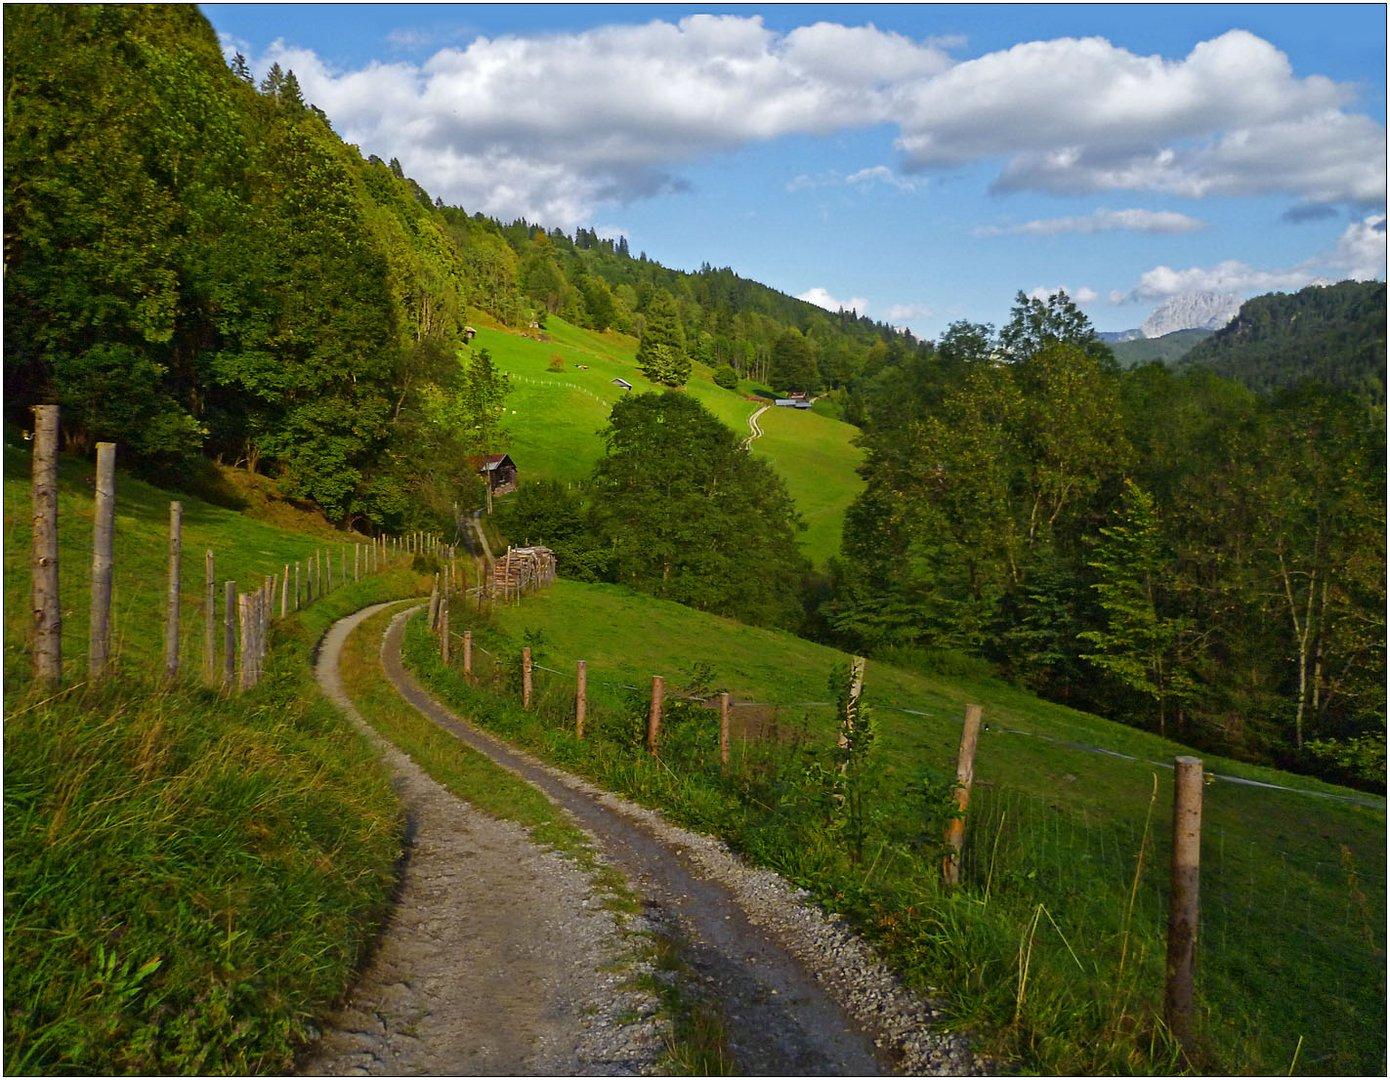 Erinnerung an meinen September-Urlaub in Bayern ...